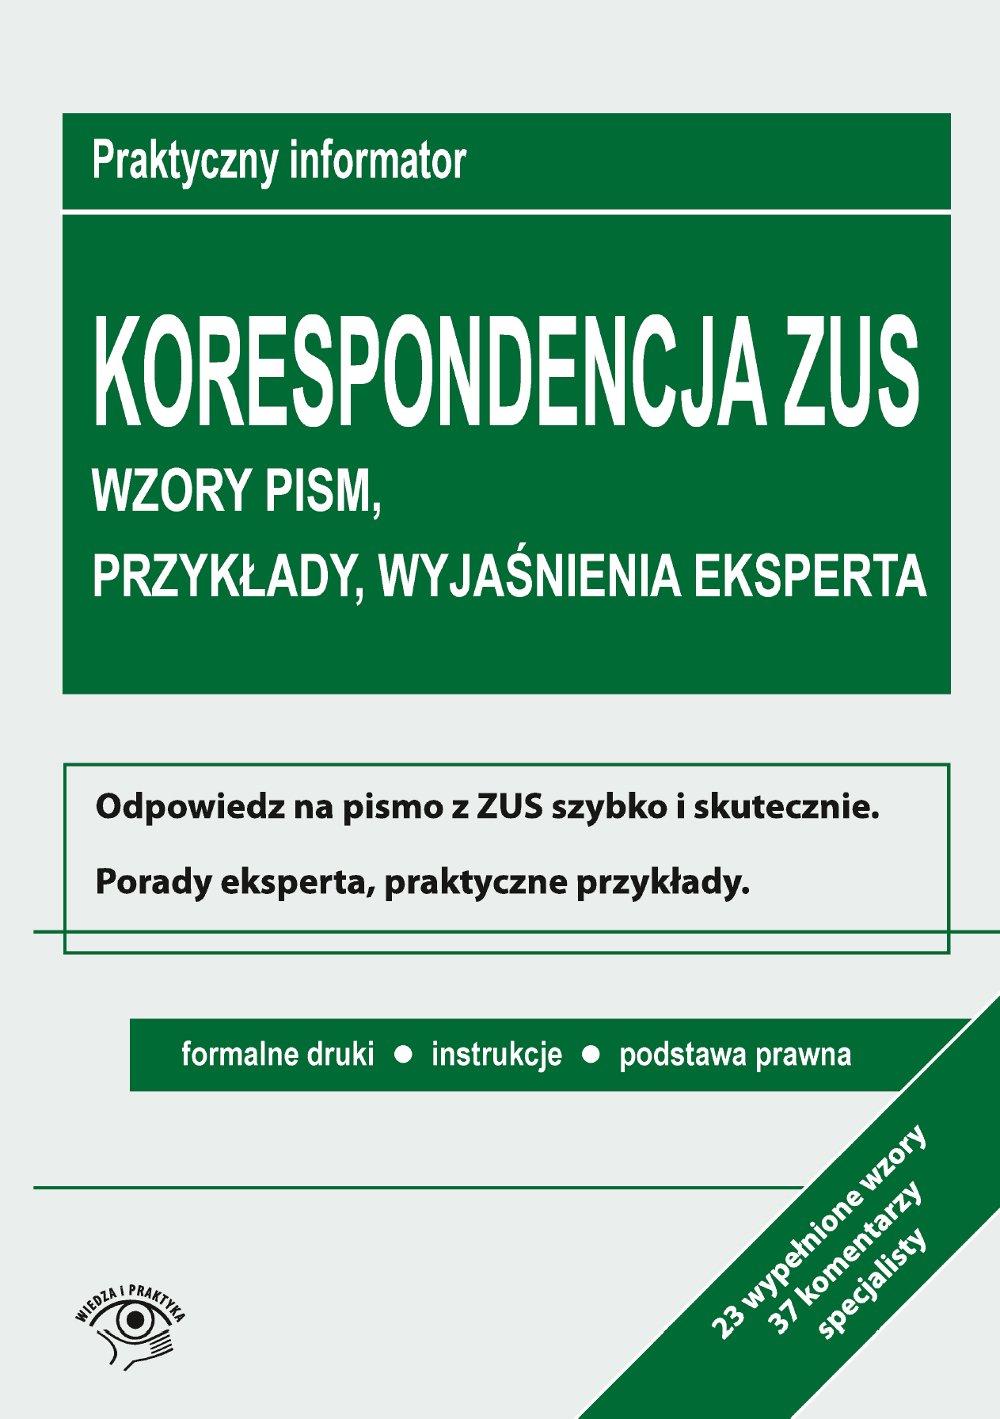 Korespondencja z ZUS. Wzory pism, przykłady, wyjaśnienia eksperta - Ebook (Książka na Kindle) do pobrania w formacie MOBI